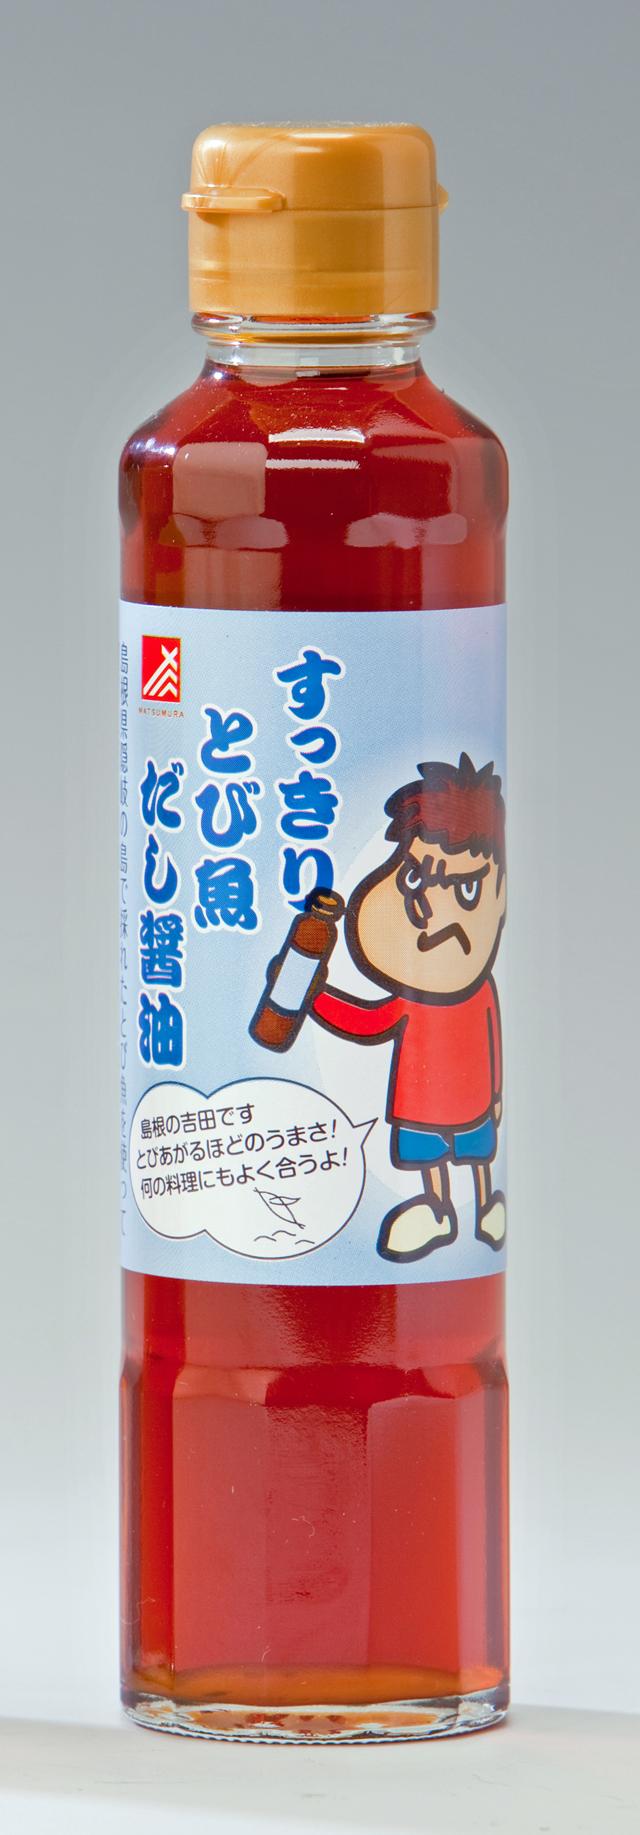 蛙男商会コラボ商品とび魚だし醤油!吉田くんが目印です